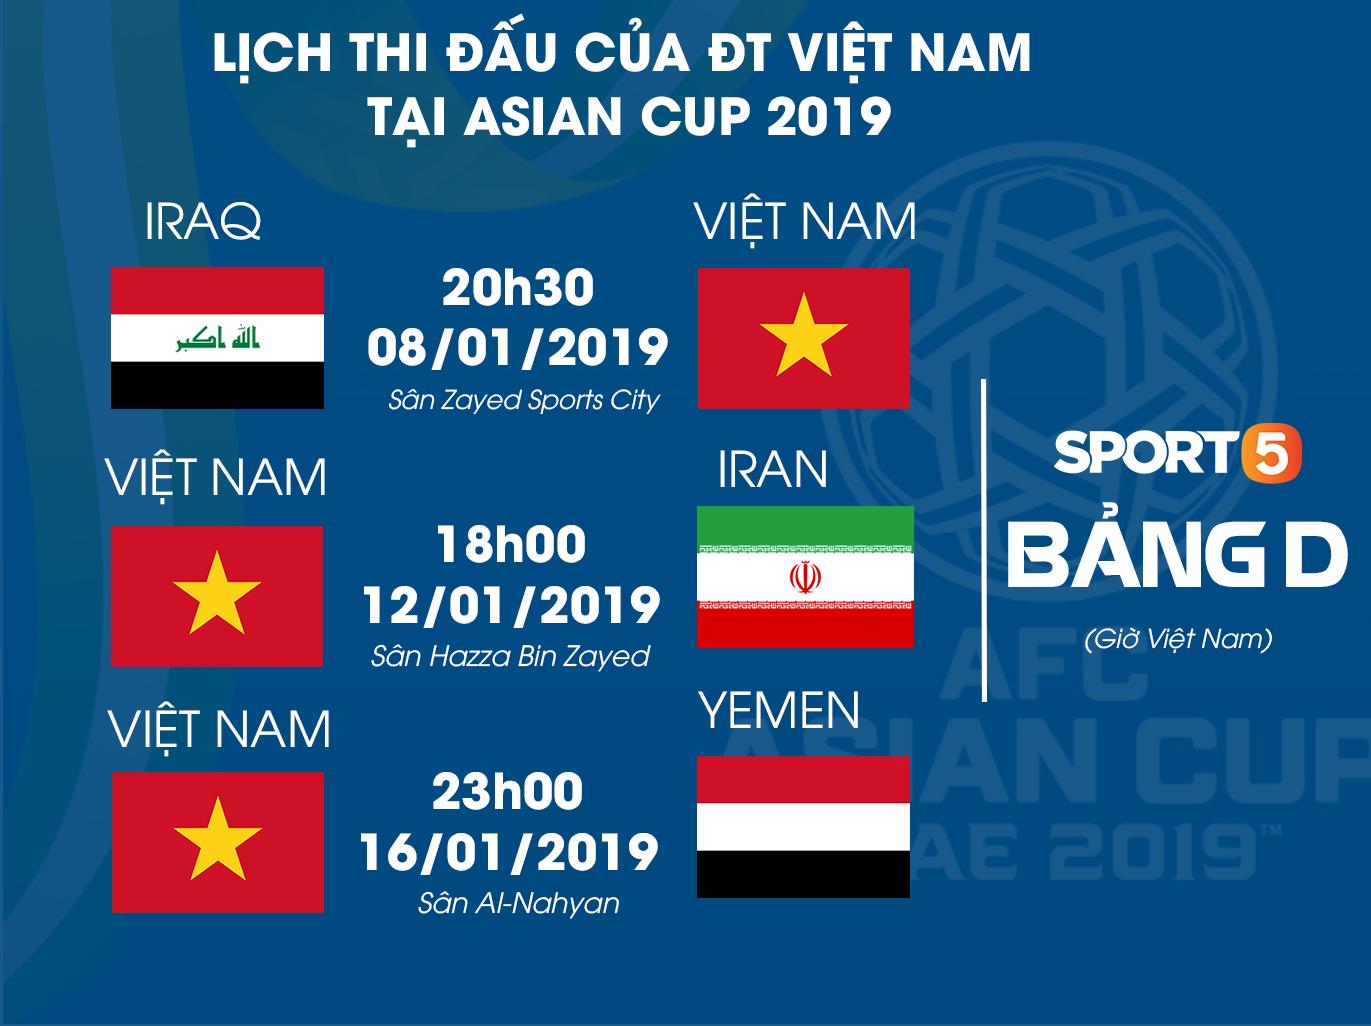 Lịch thi đấu của Việt Nam tại vòng bảng Asian Cup 2019.